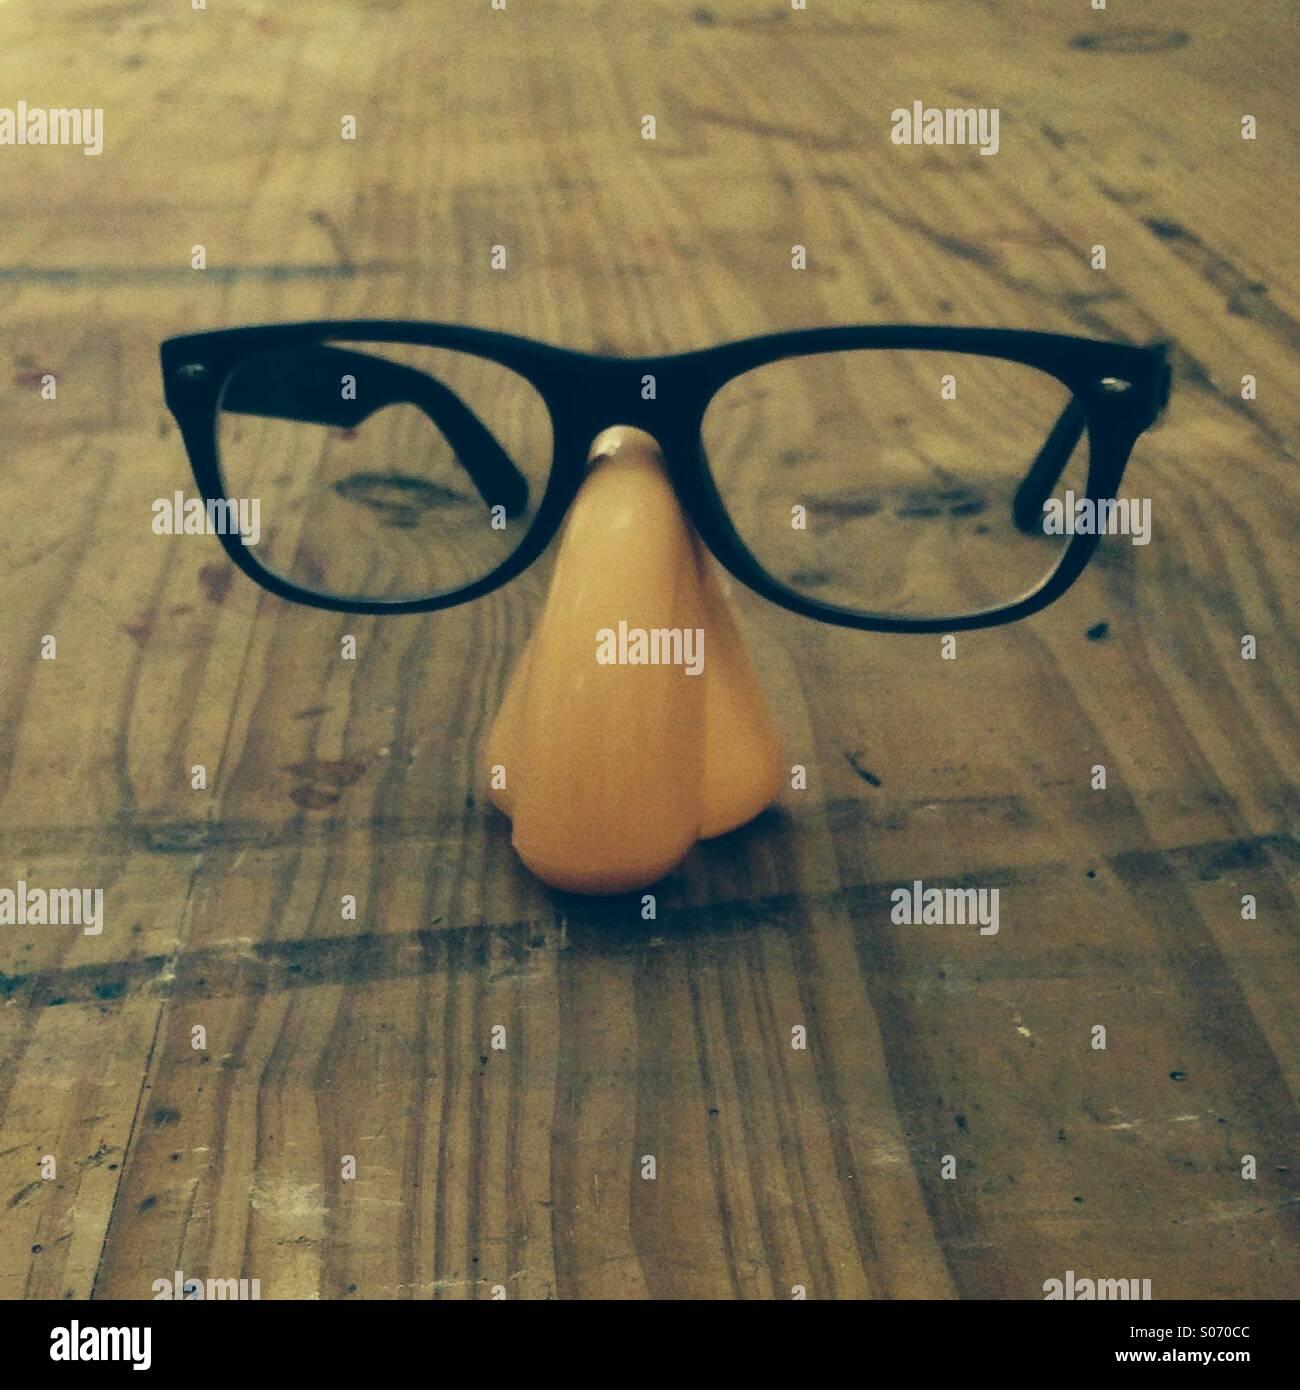 Hey, blink, blink. - Stock Image